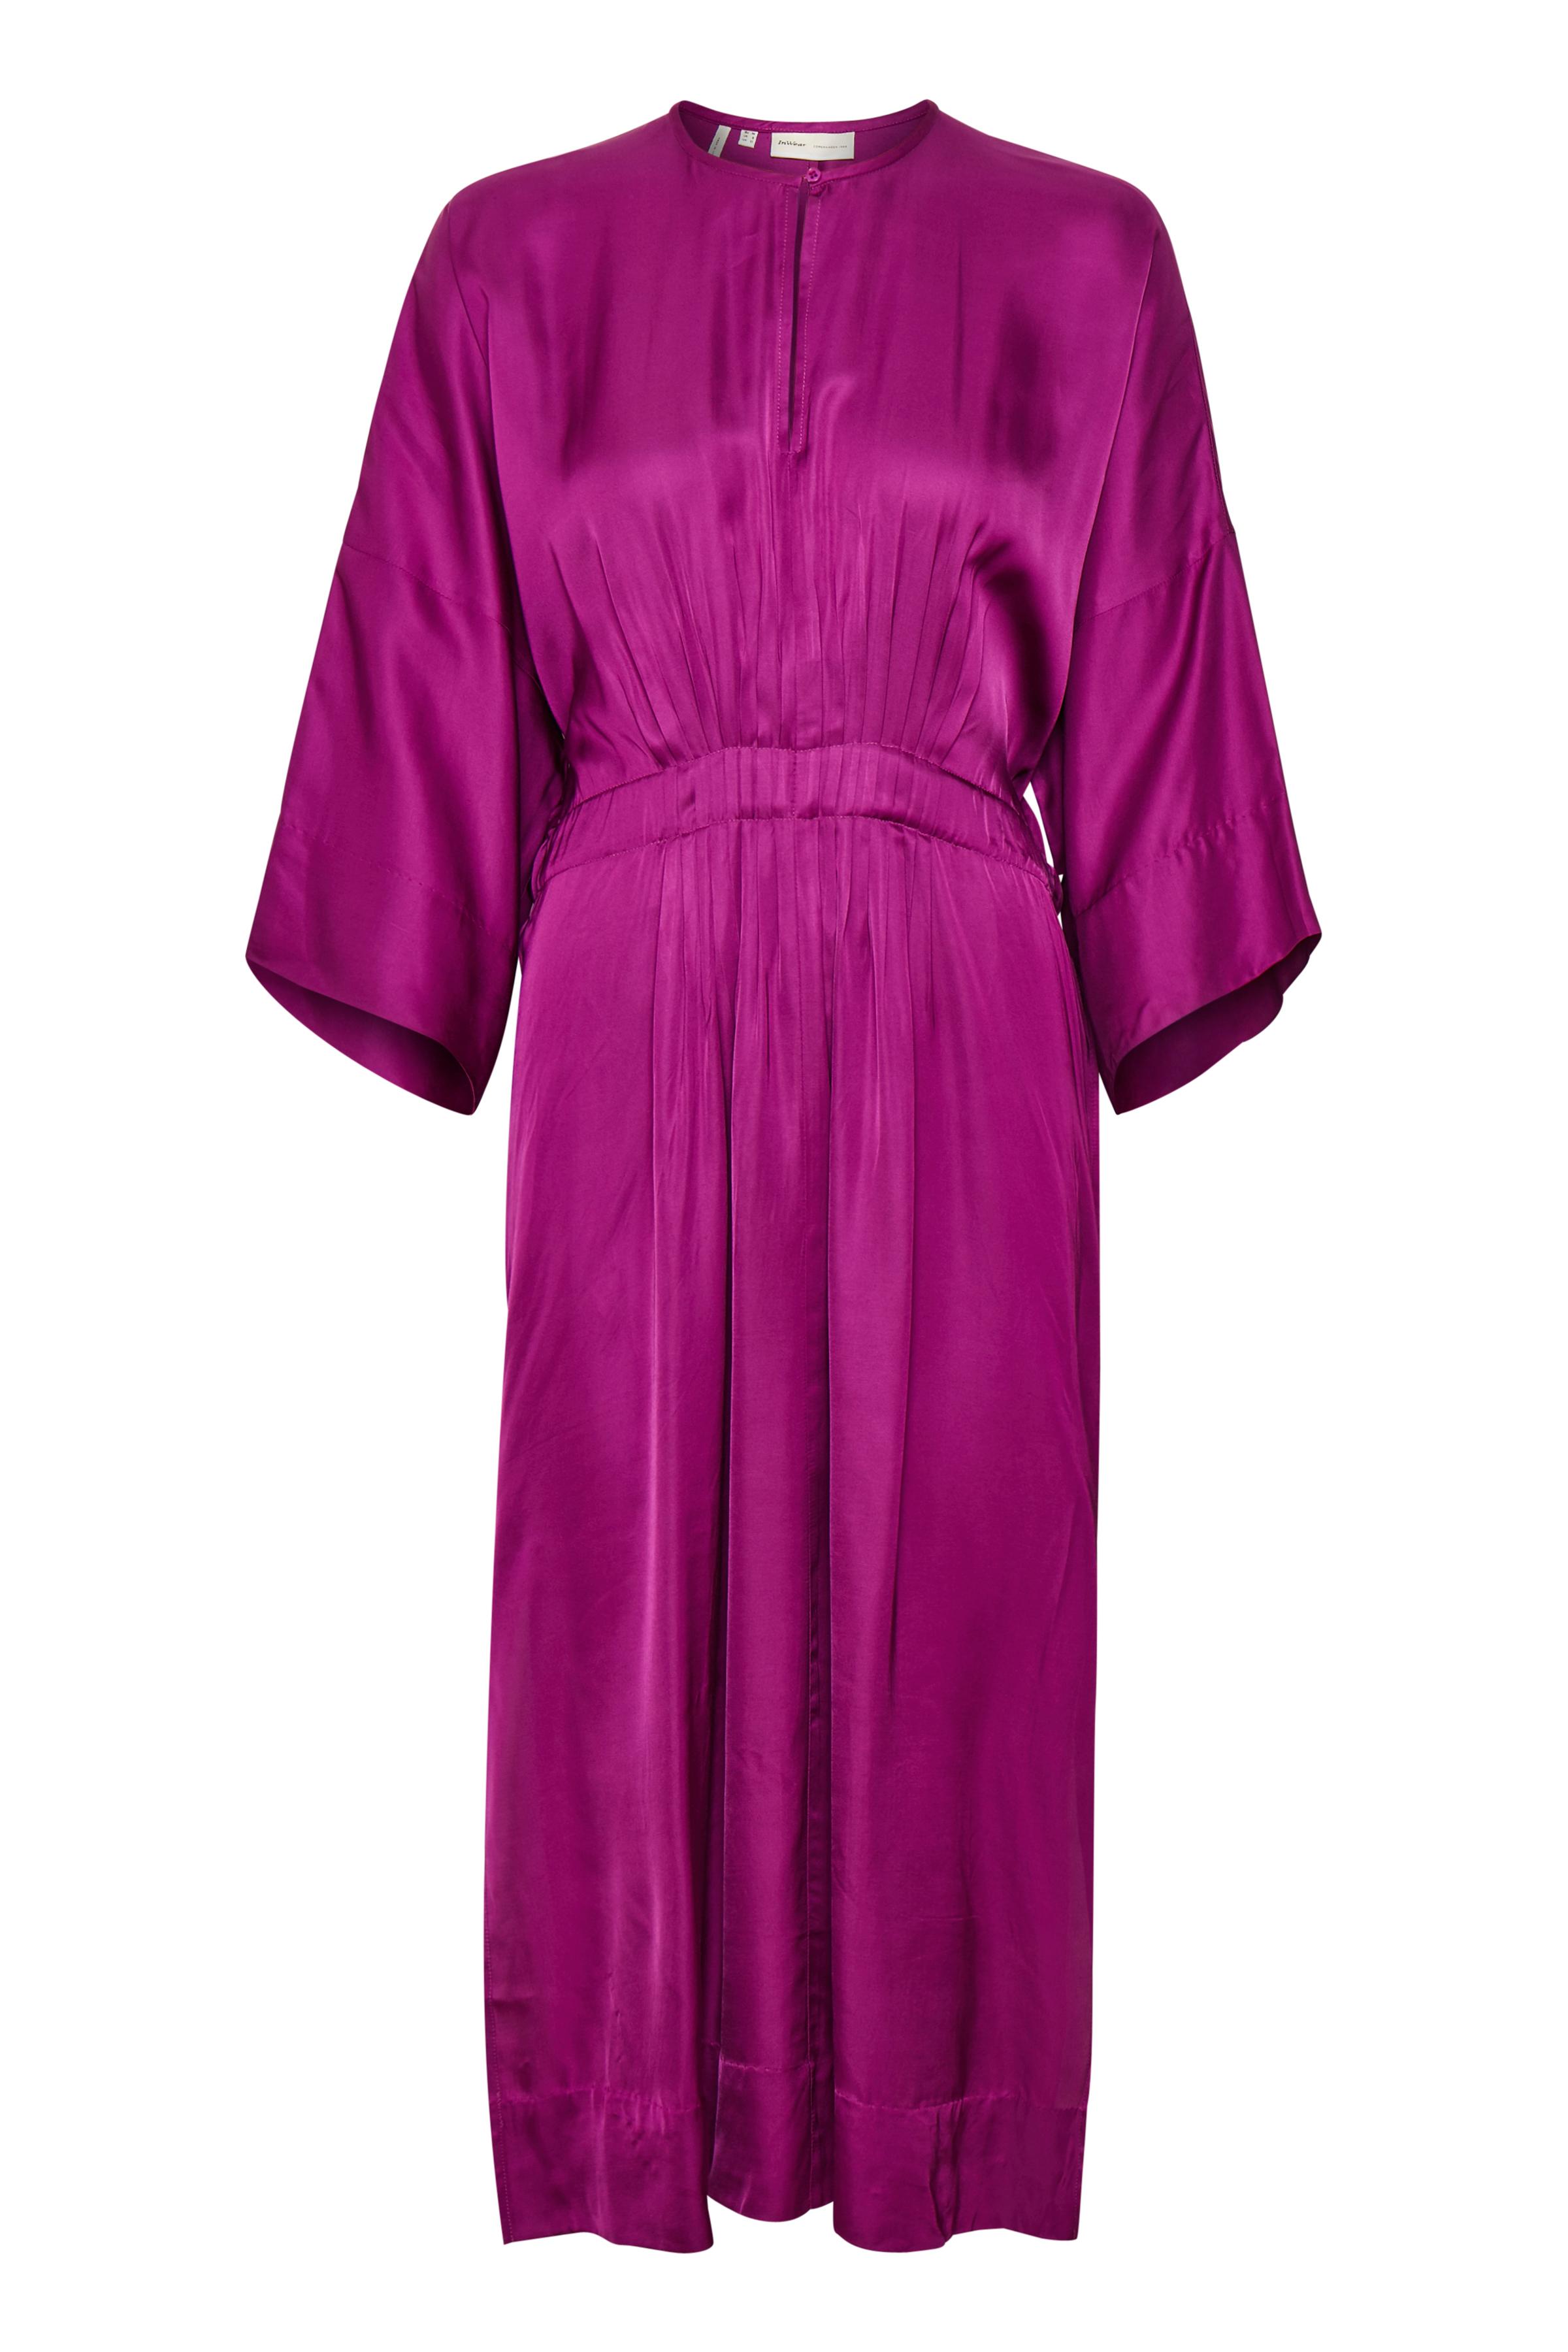 Cerise Pink Kjole – Køb Cerise Pink Kjole fra str. 32-44 her